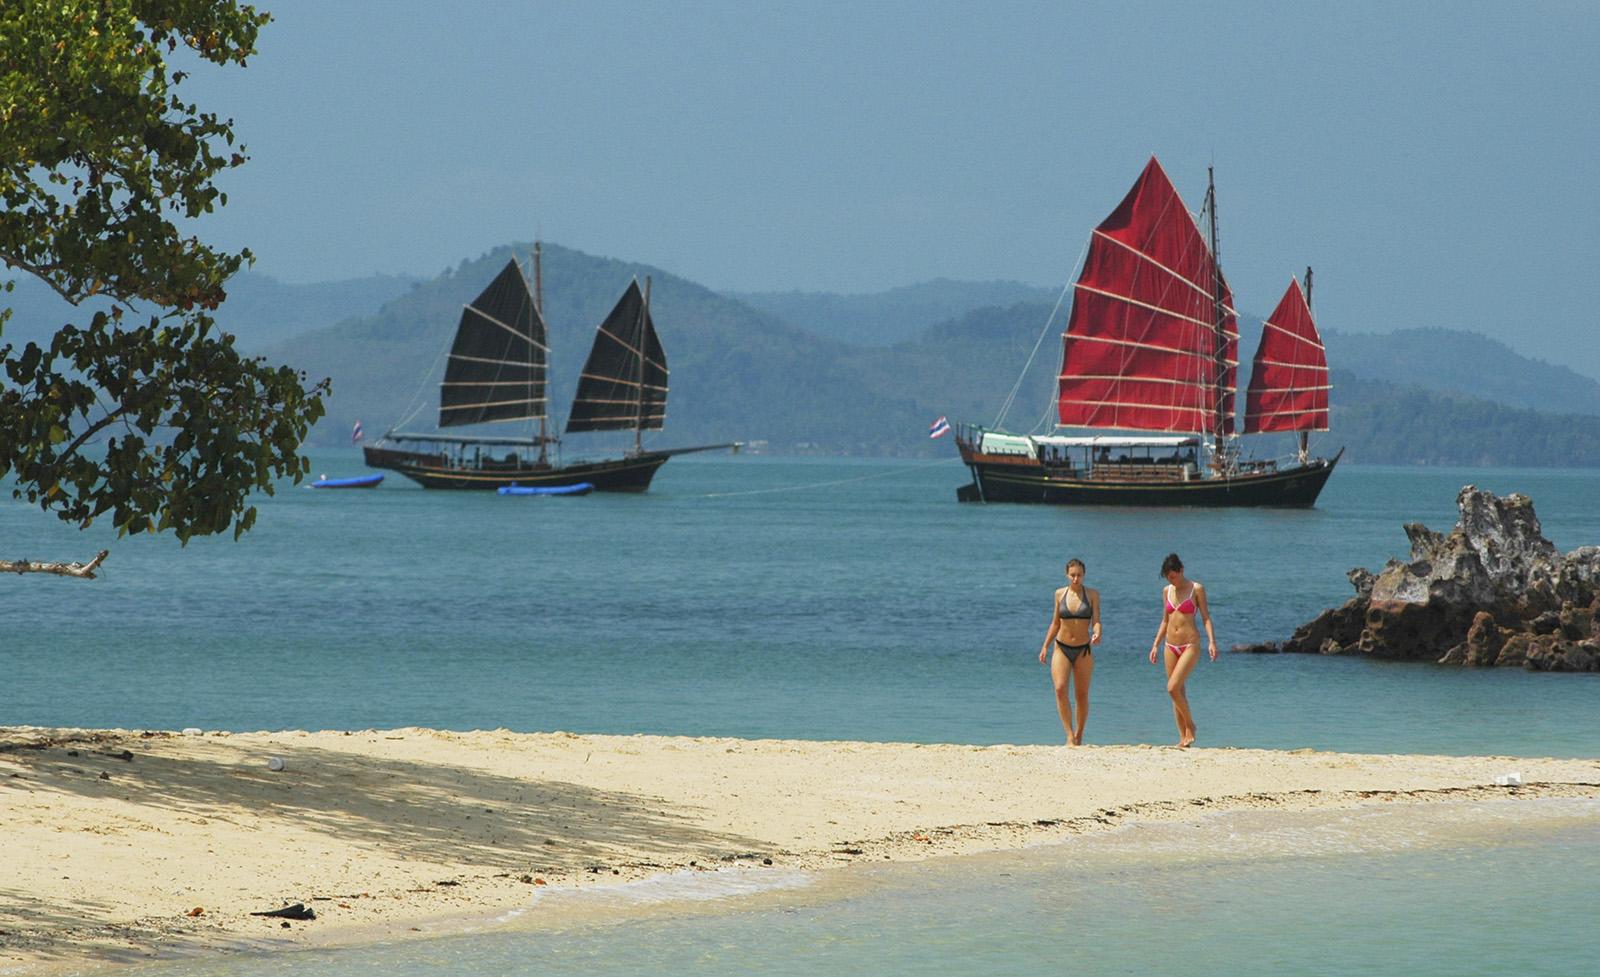 В заливе Пханг-Нга столкнулись 2 лодки с туристами